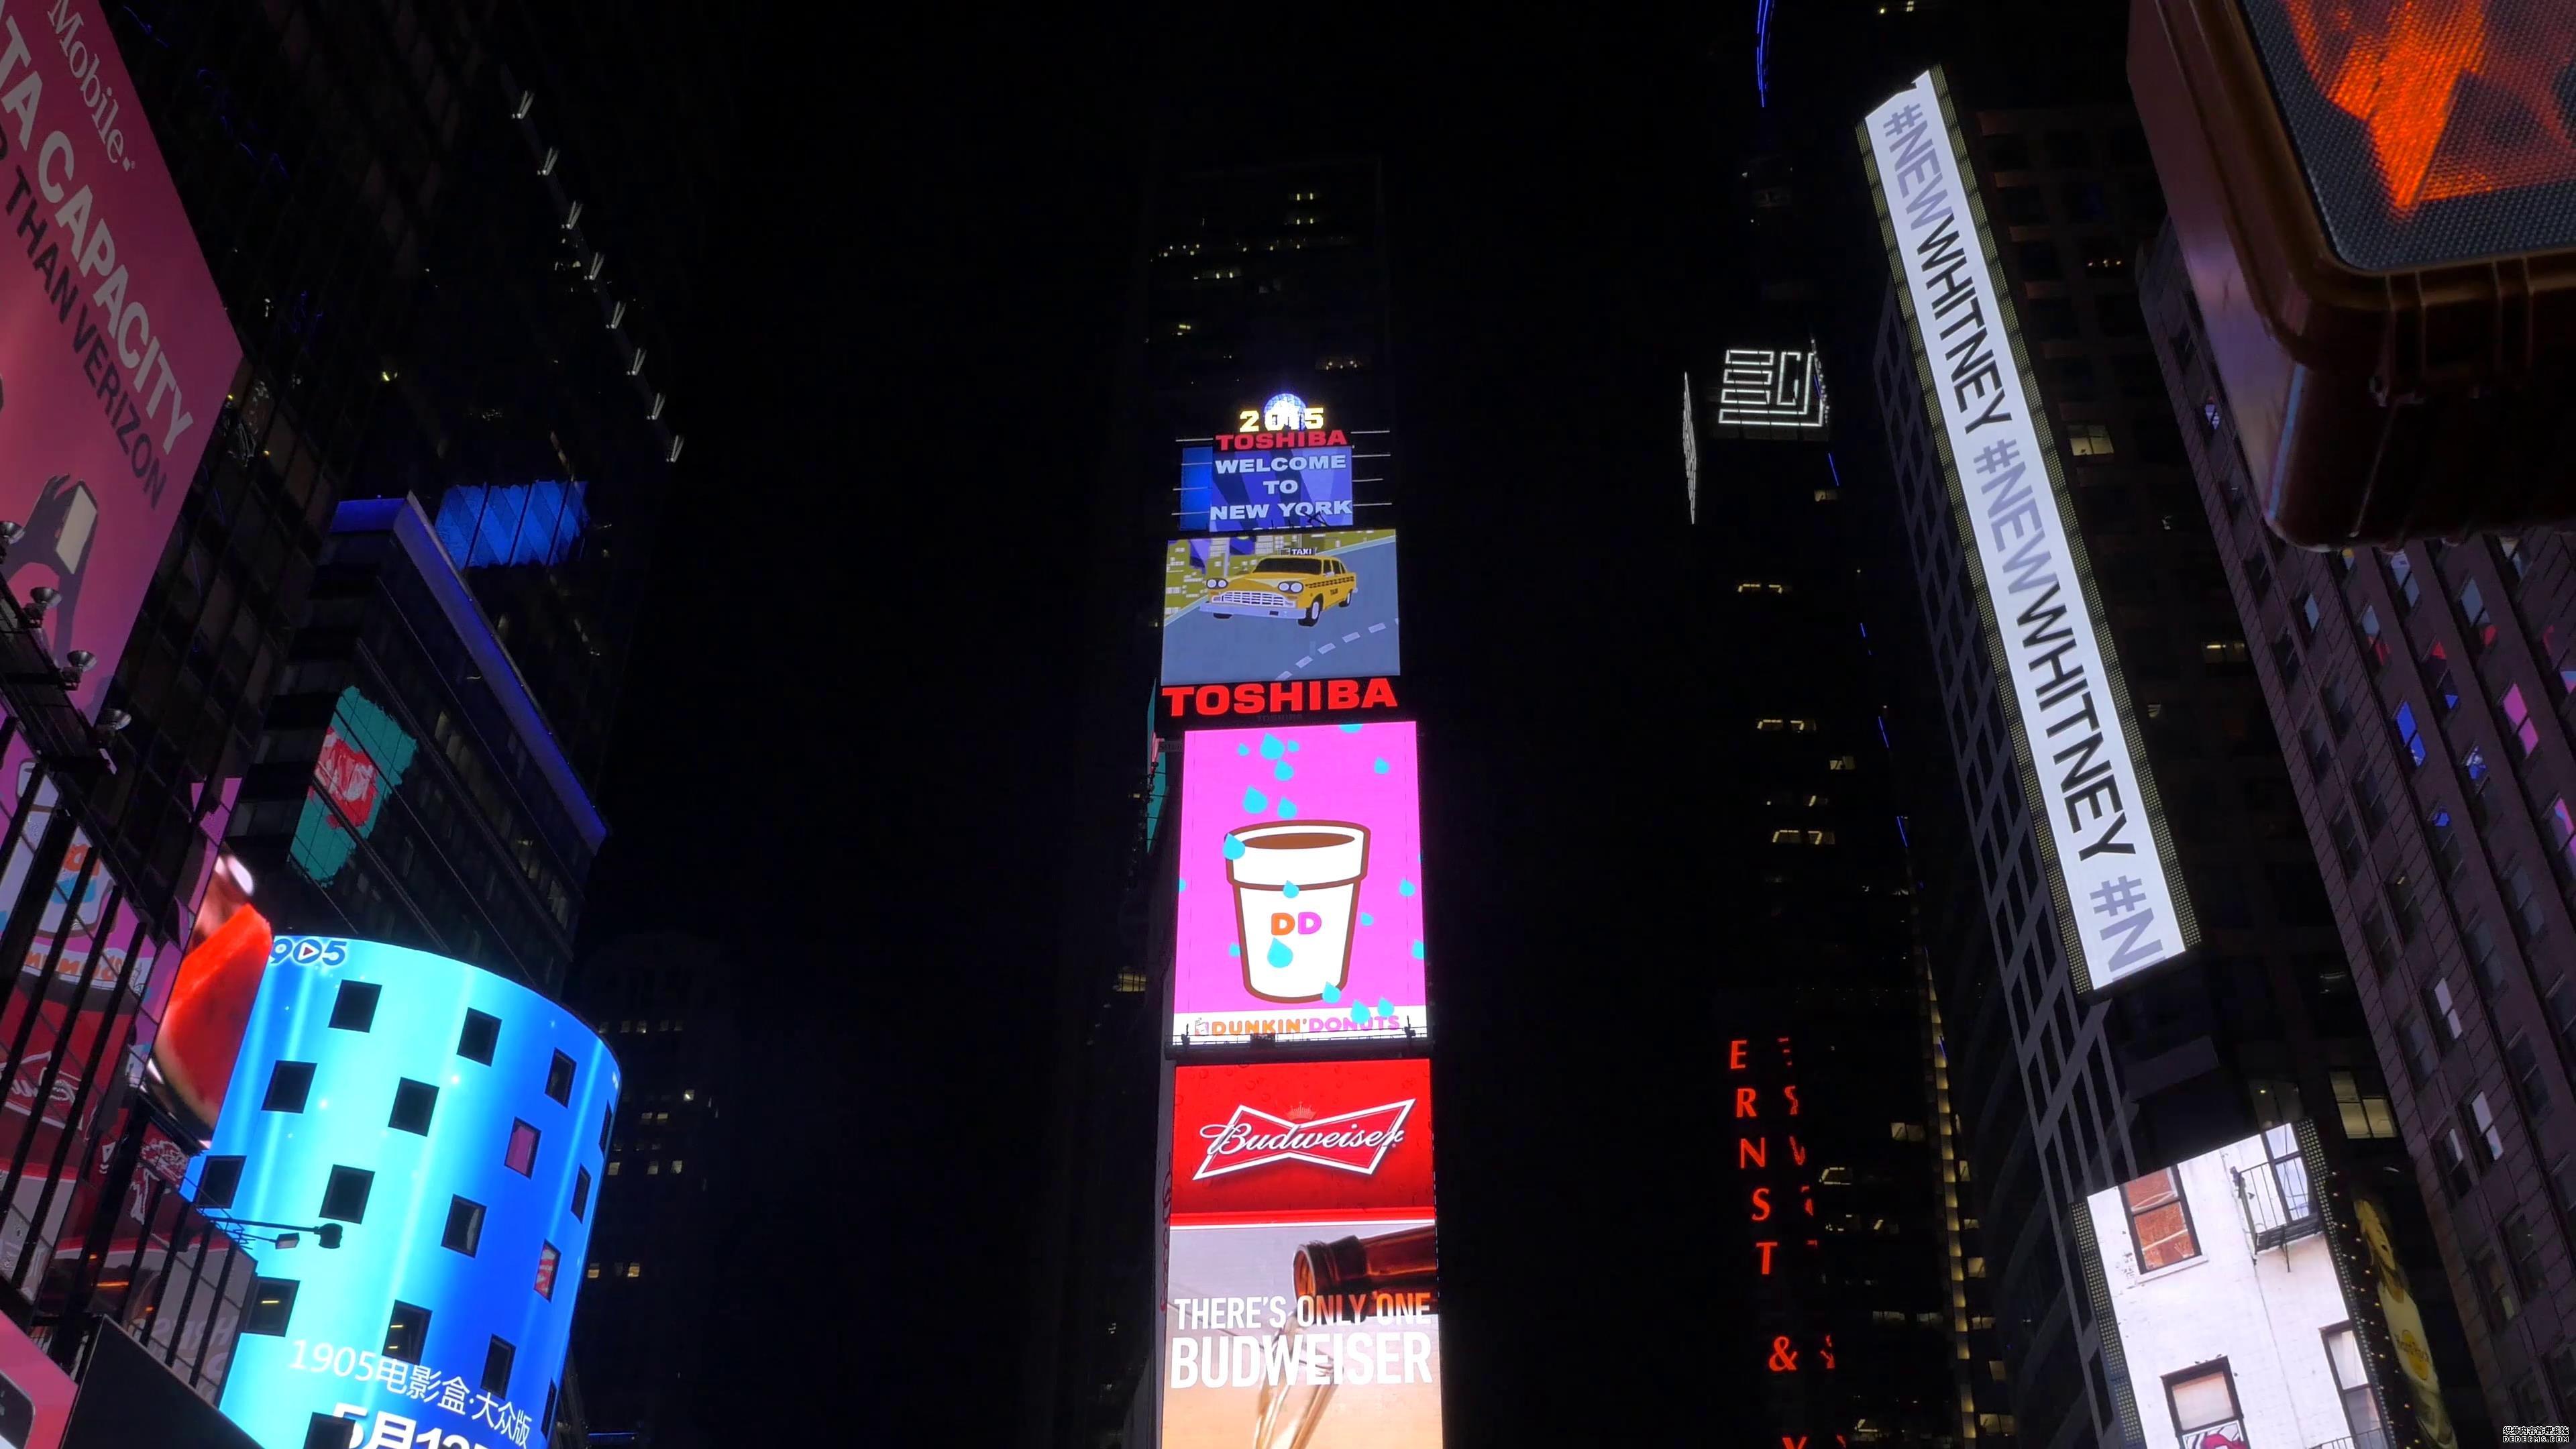 美国时代广场近景商业广告转场高清实拍